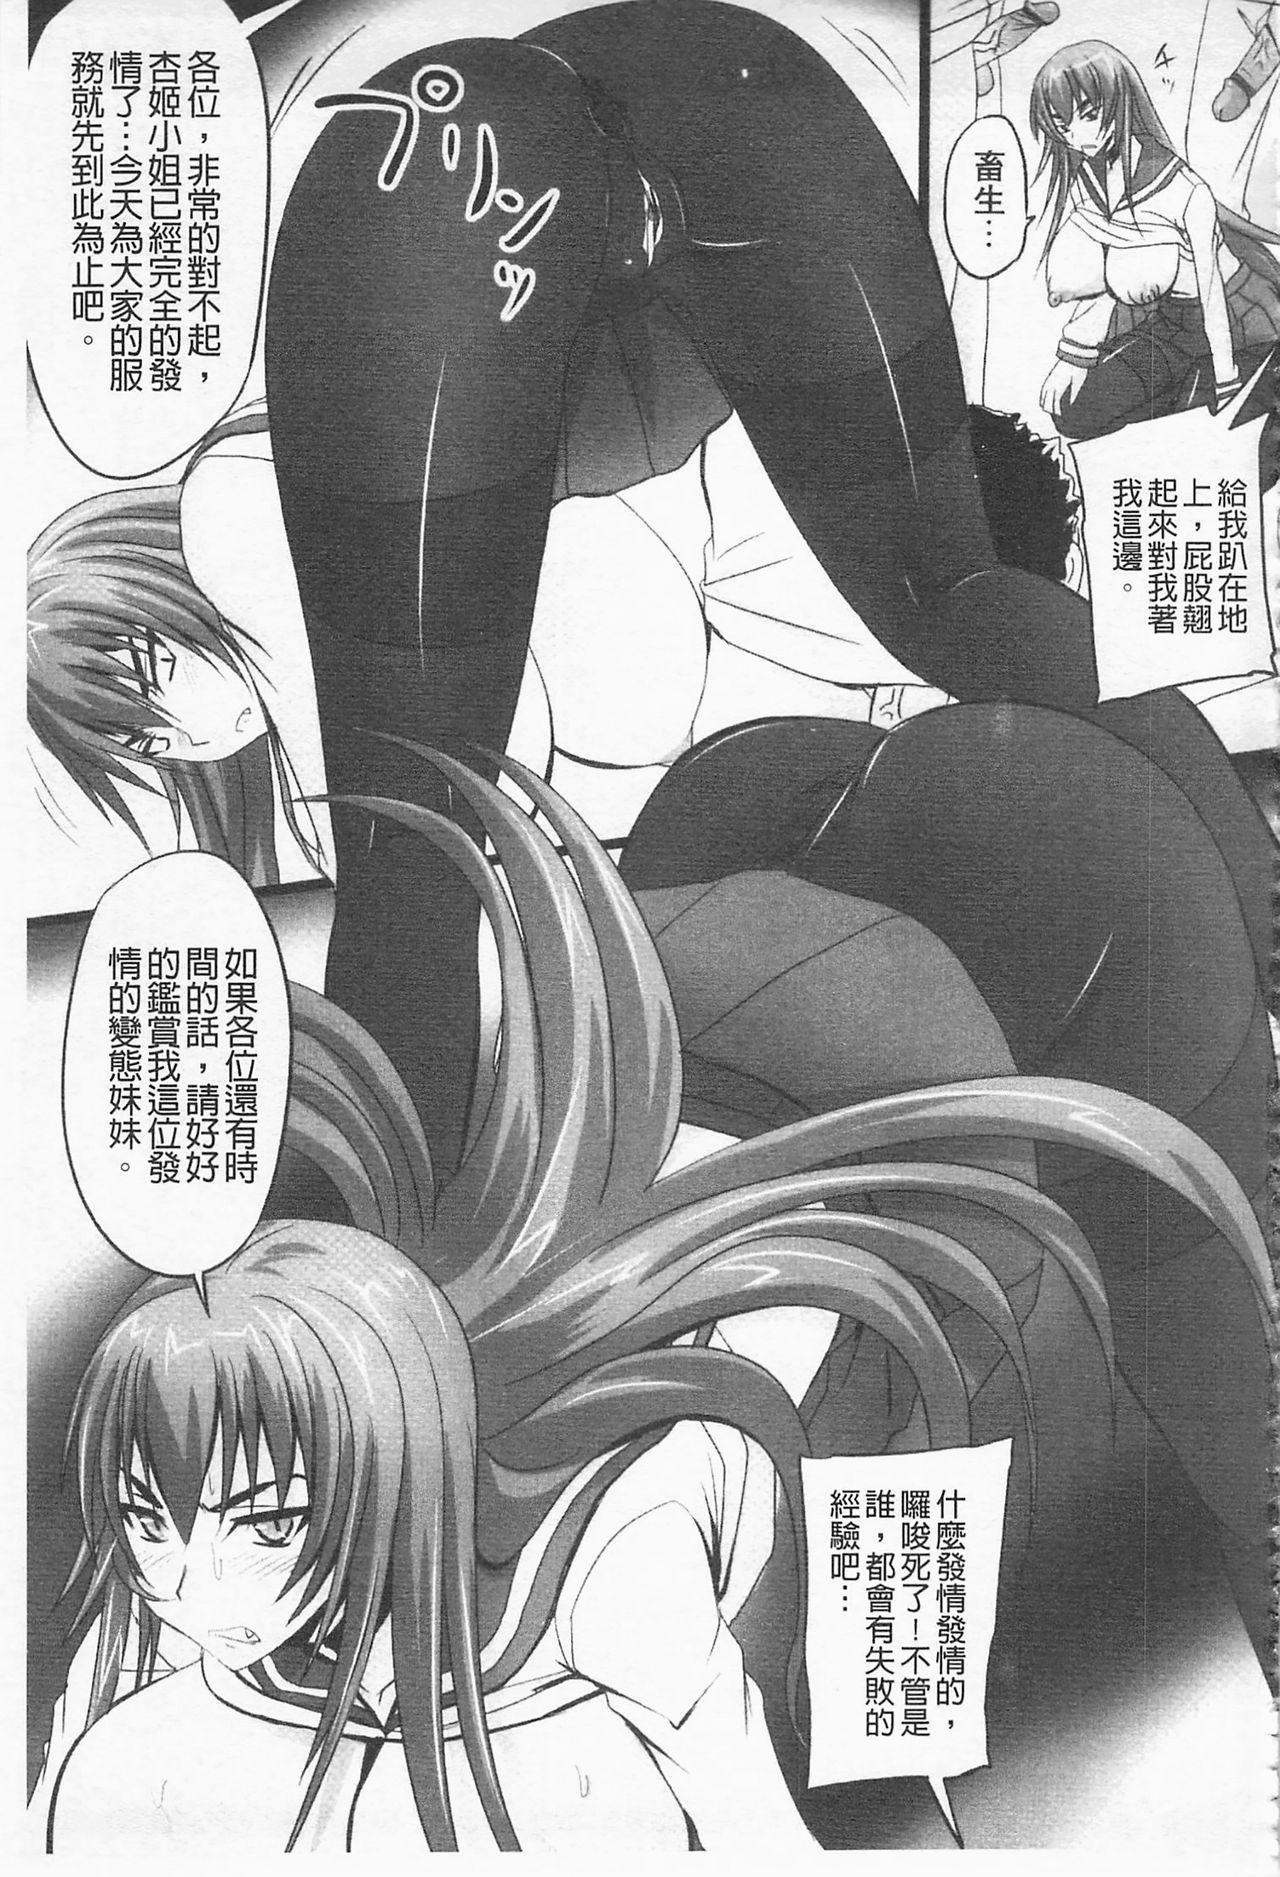 [Nozarashi Satoru] Do S na Hime wa Kegasareru -Ouhou no Shou-   超S的公主被玷汙了 ~報應之章~ [Chinese] 153